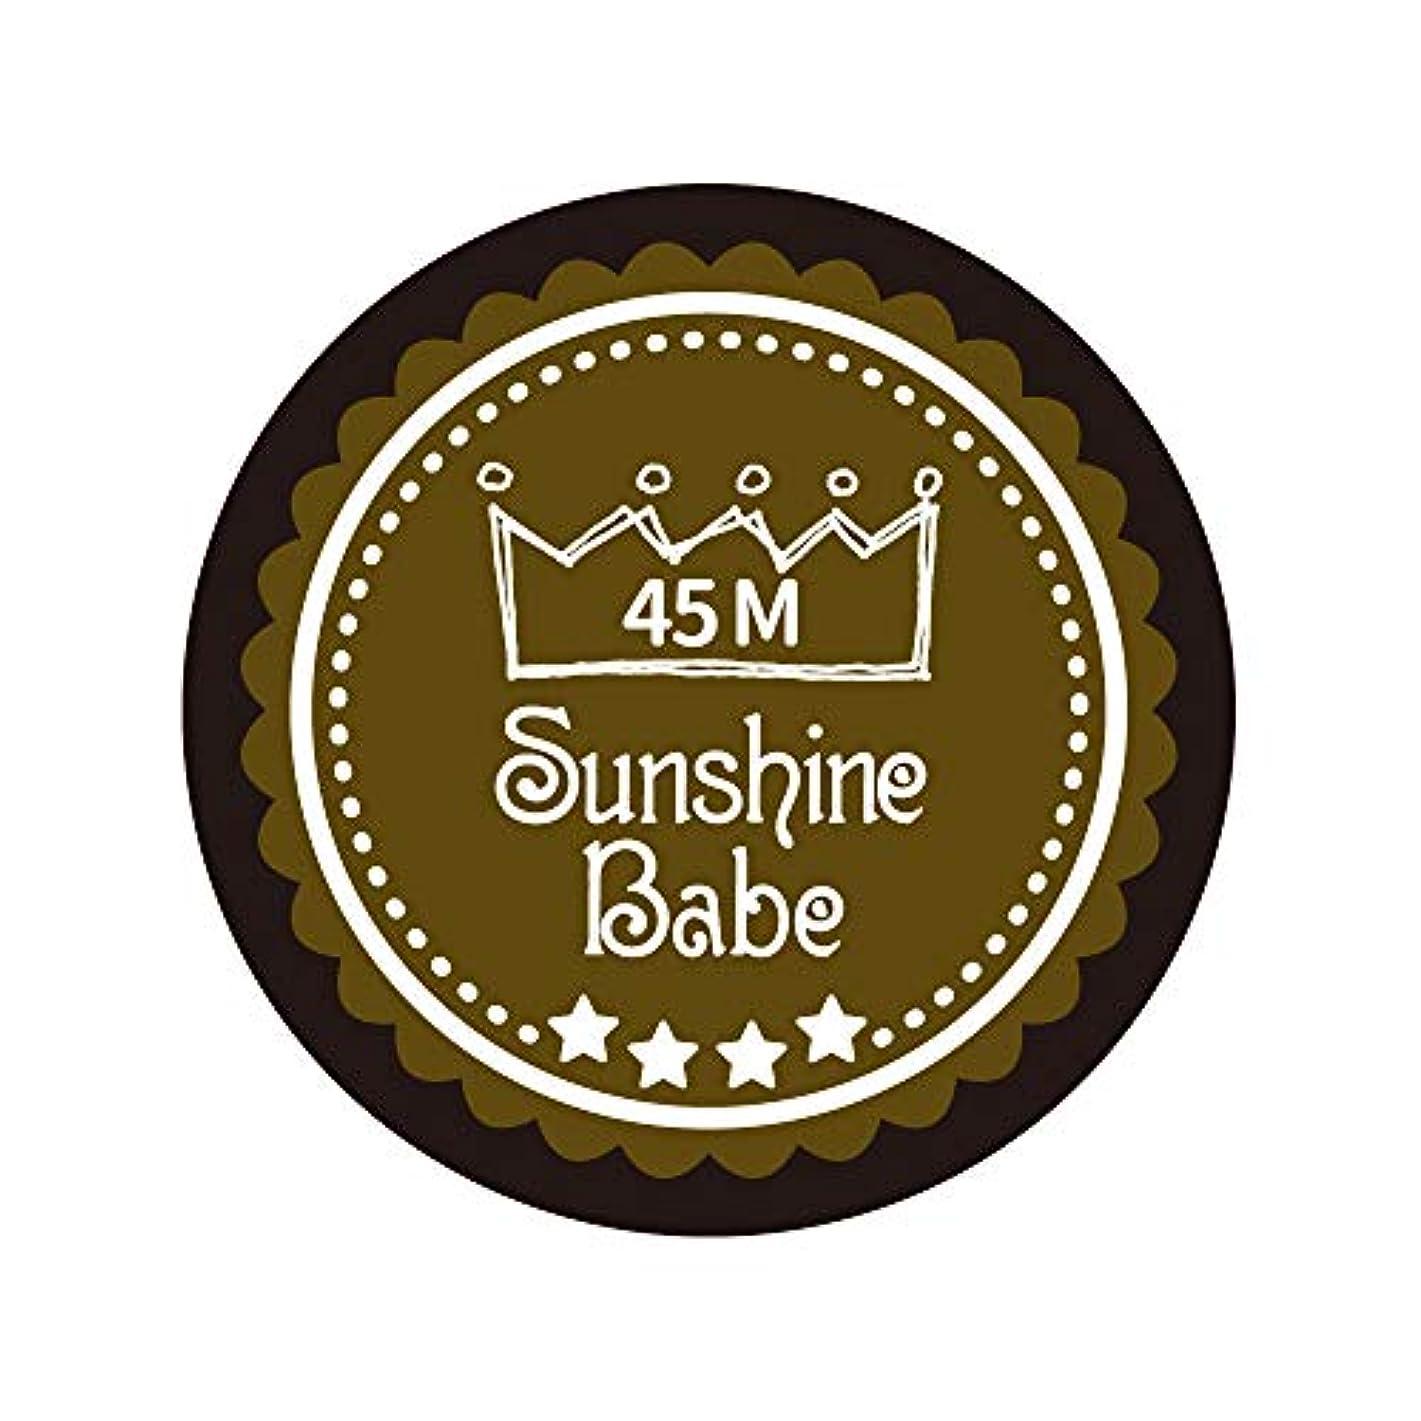 ビリーヤギ有能なラップトップSunshine Babe カラージェル 45M マティーニオリーブ 4g UV/LED対応